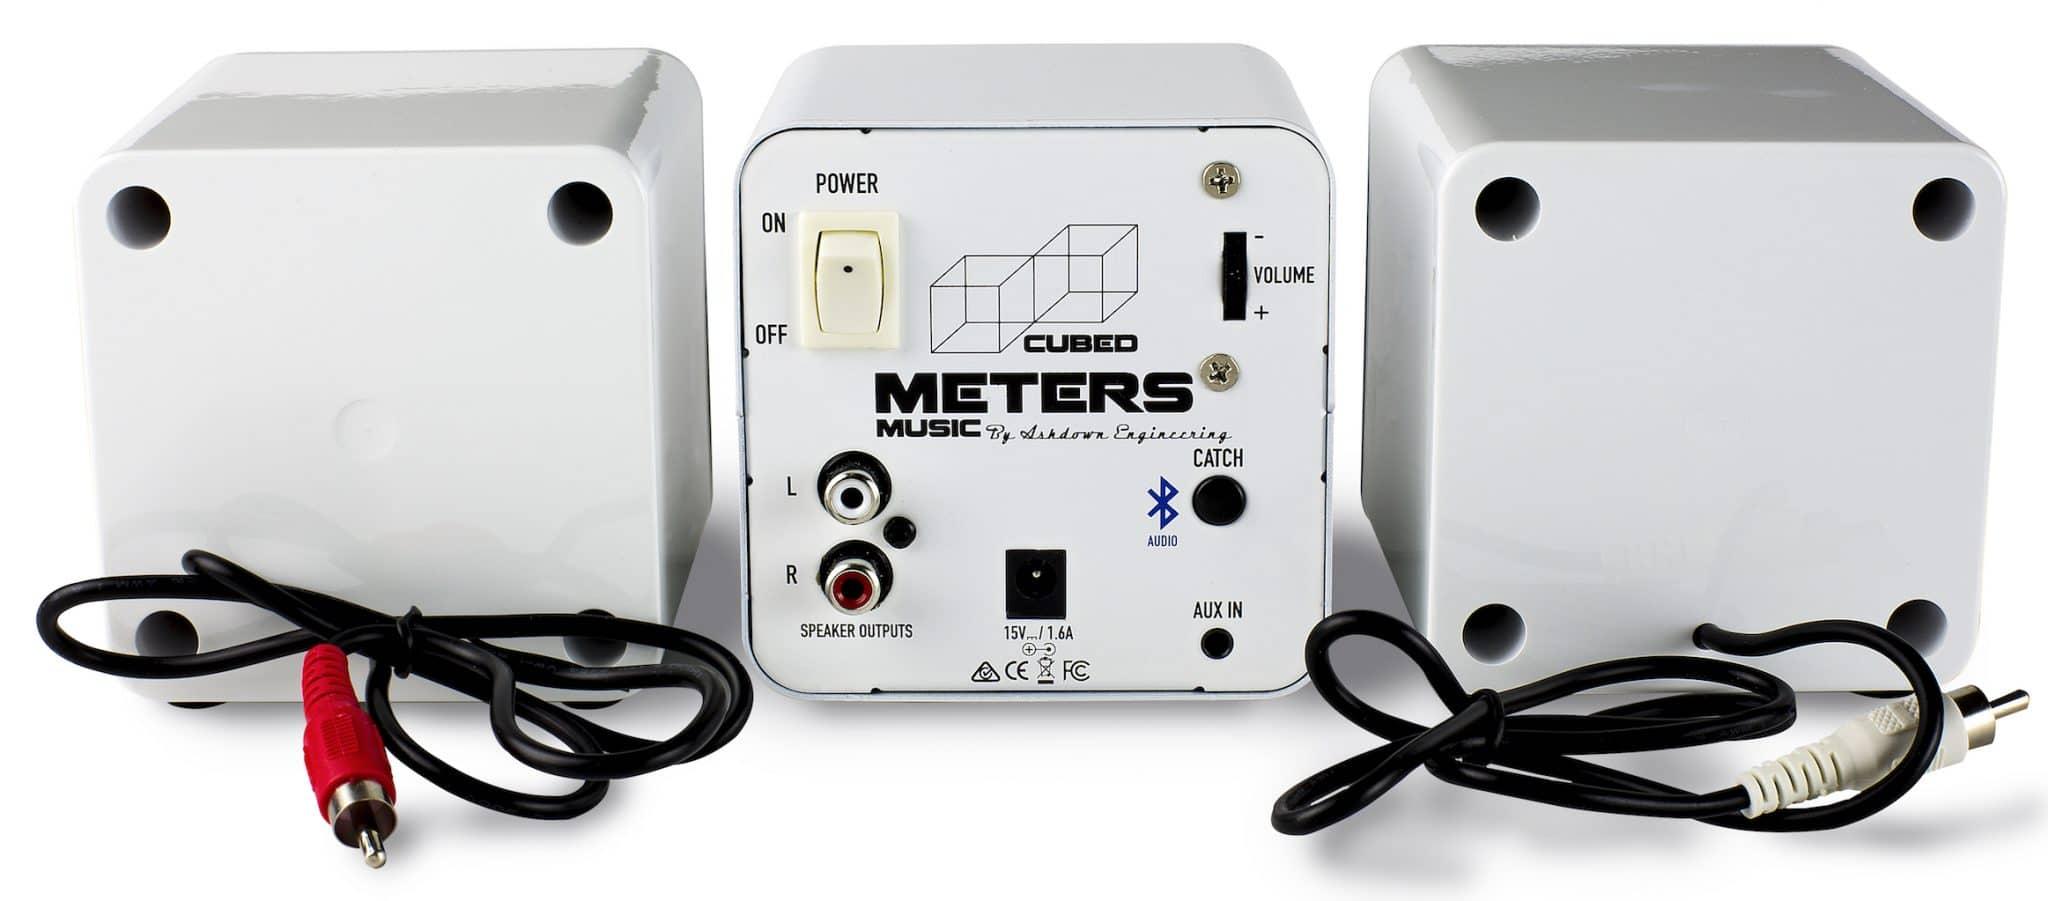 Meters Music: Meters Cubed wireless speaker system - The Audiophile Man